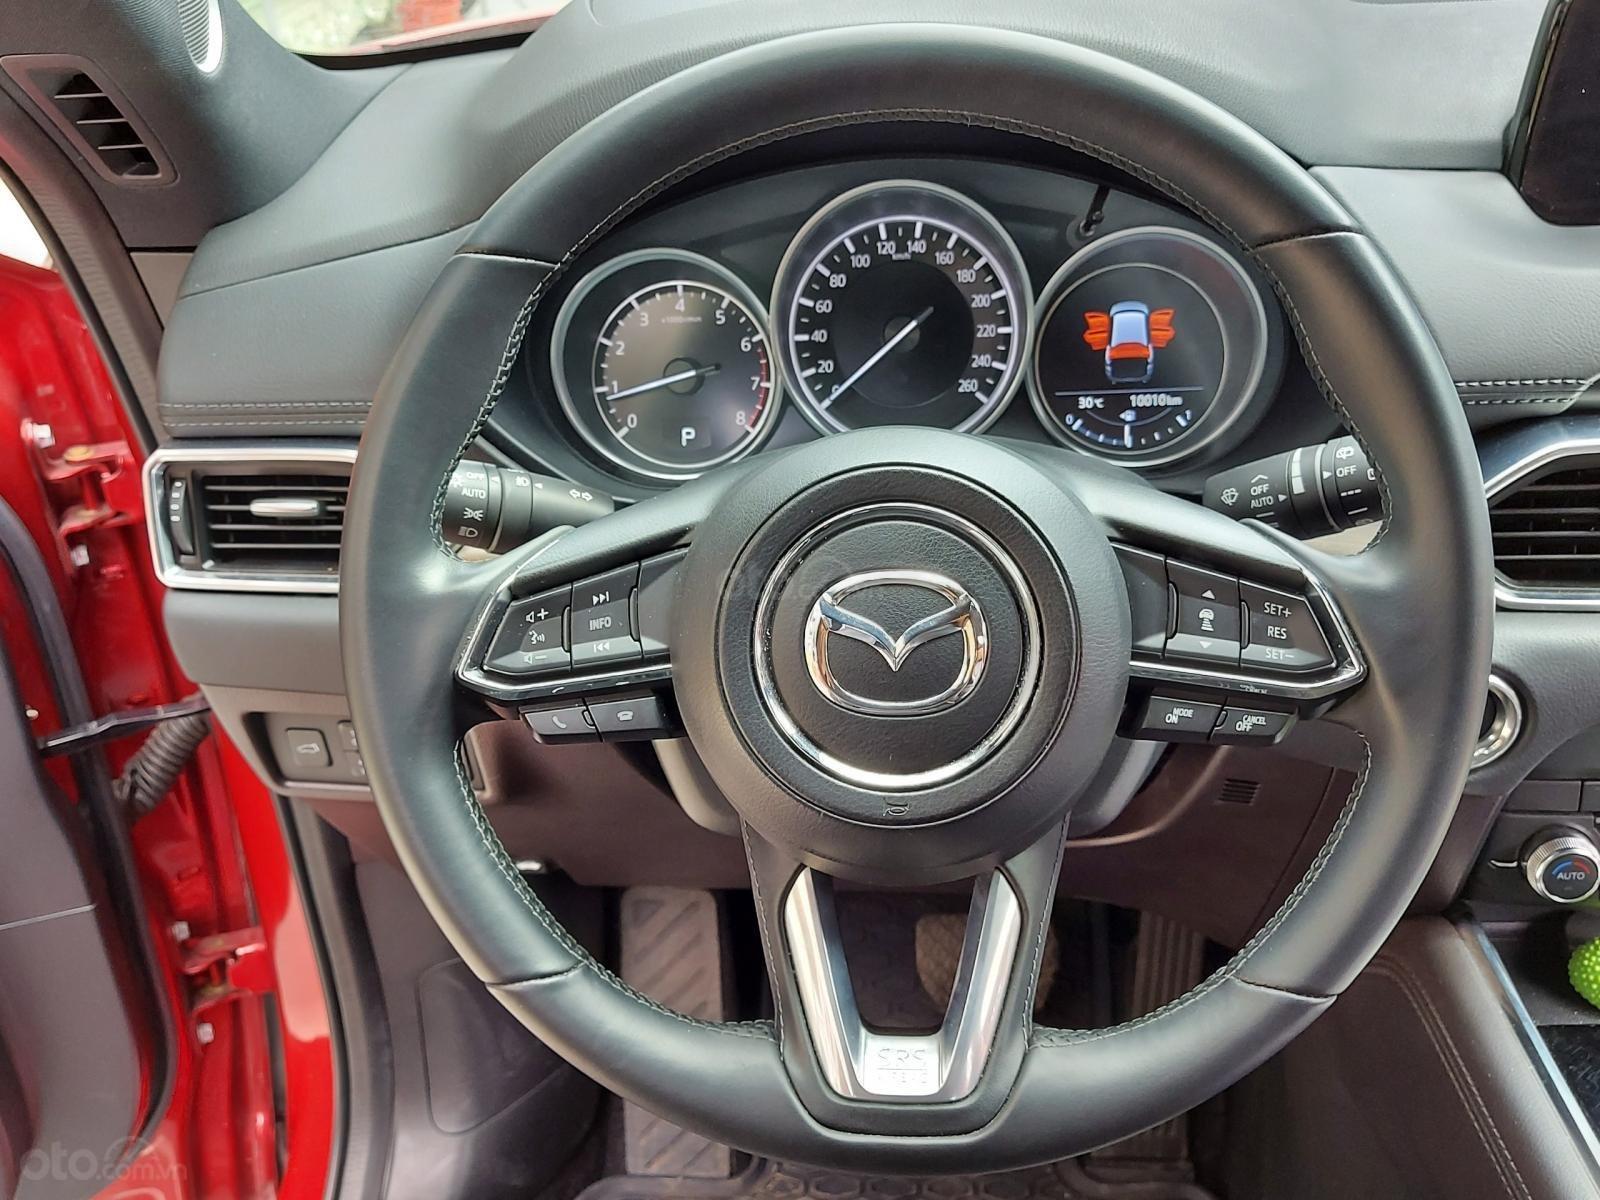 Bán xe Mazda Cx8 2.5 màu đỏ siêu đẹp, 9000km, trả góp chỉ 406 triệu (8)